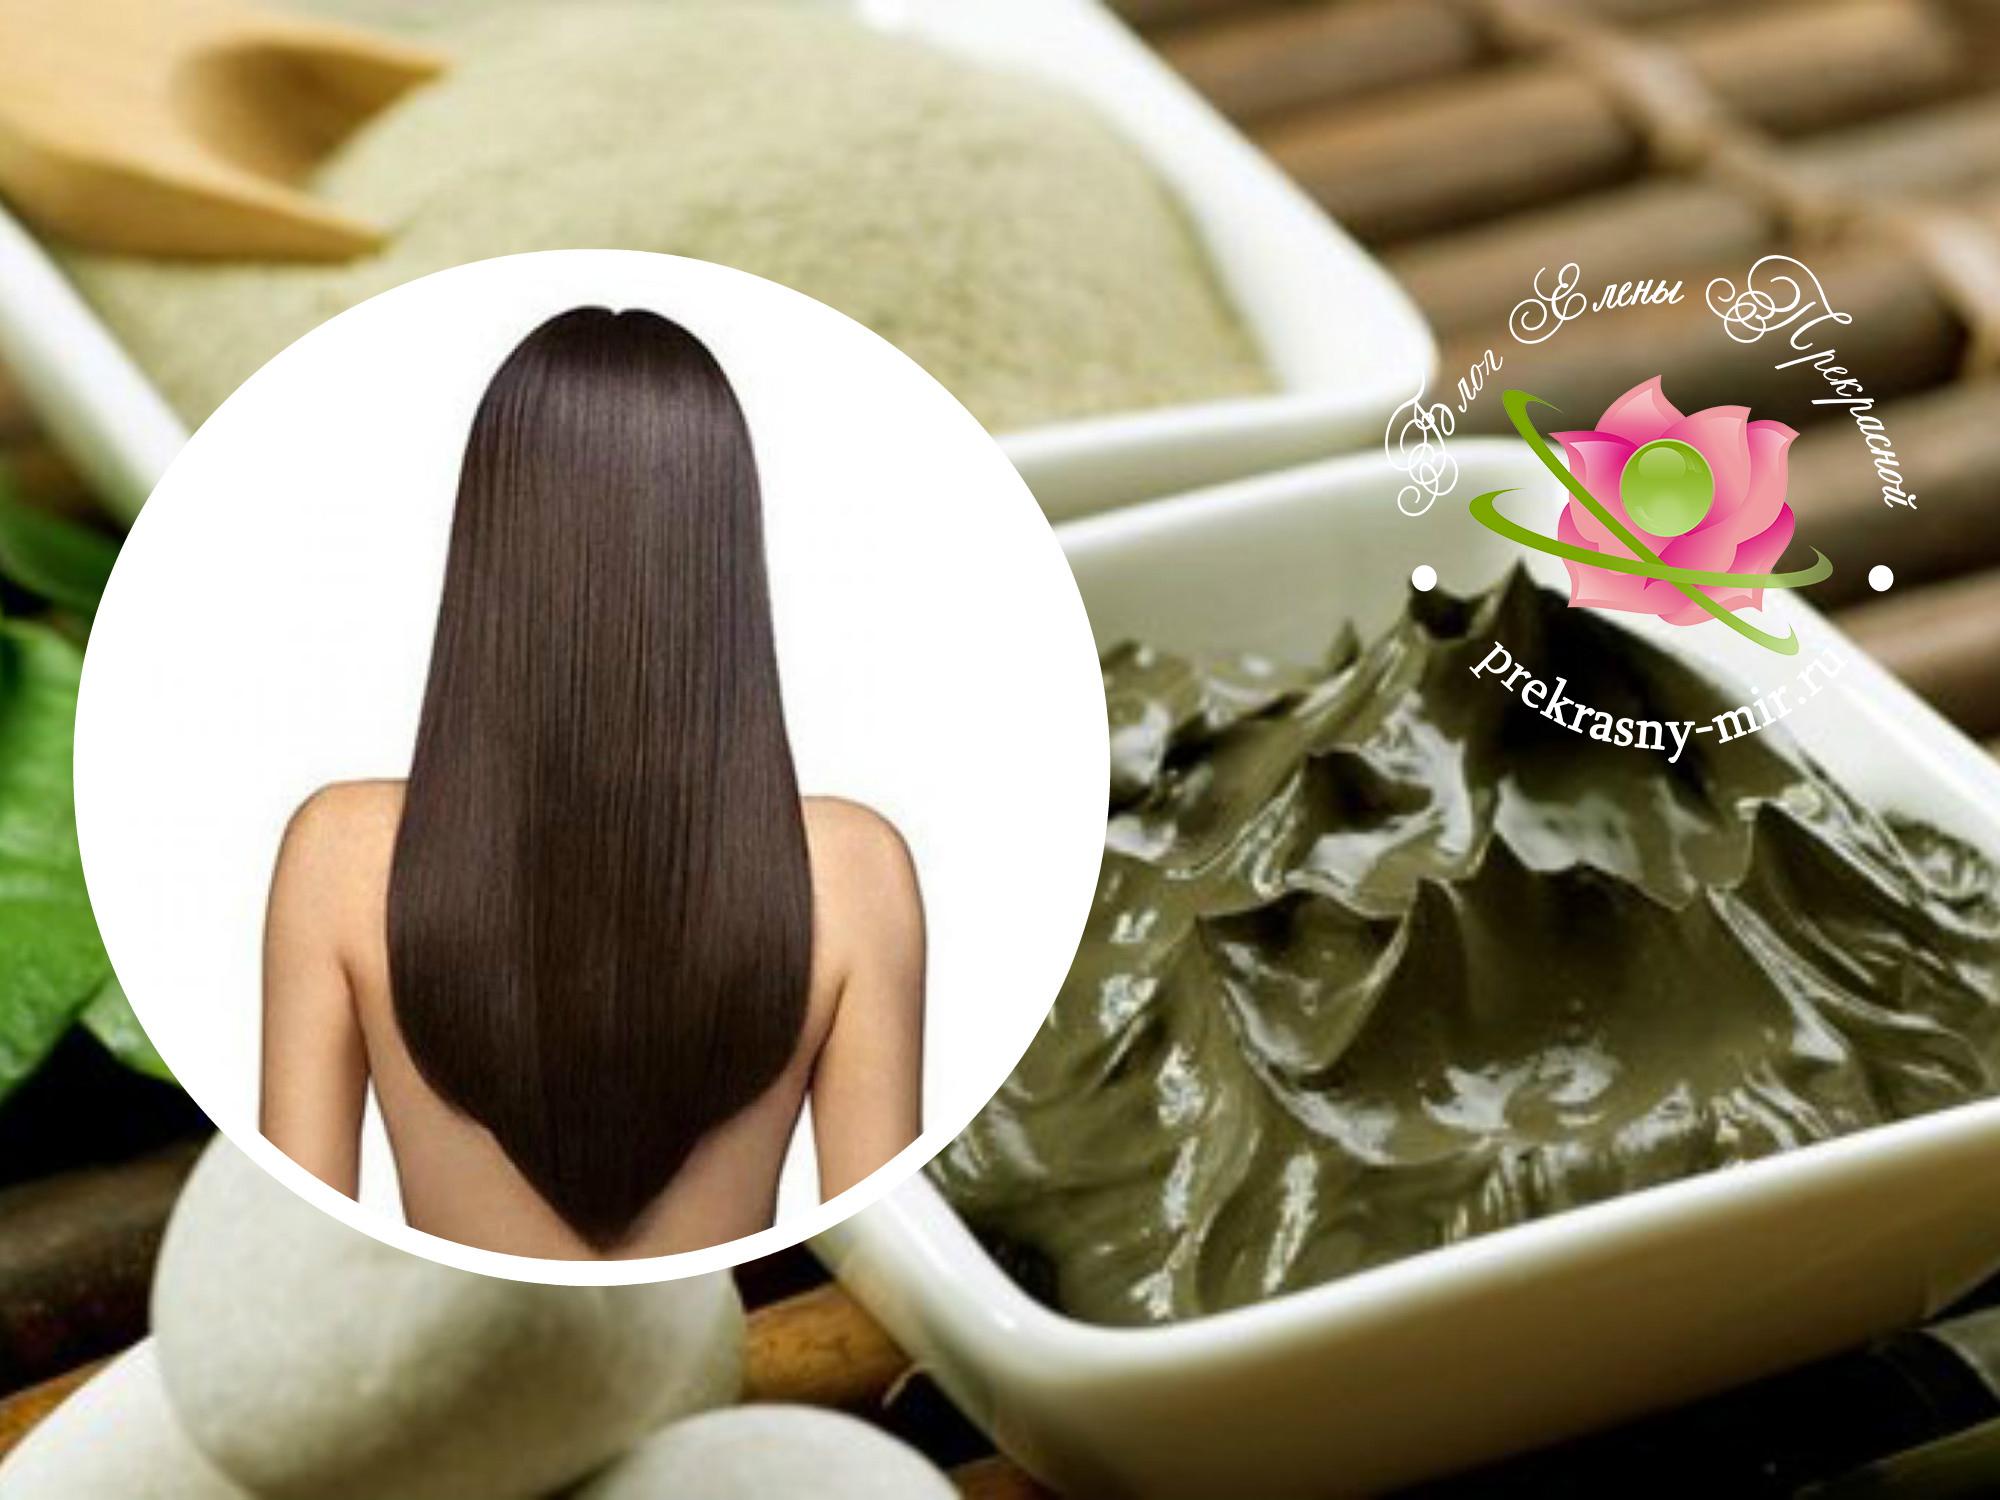 Маска для роста волос из зеленой глины